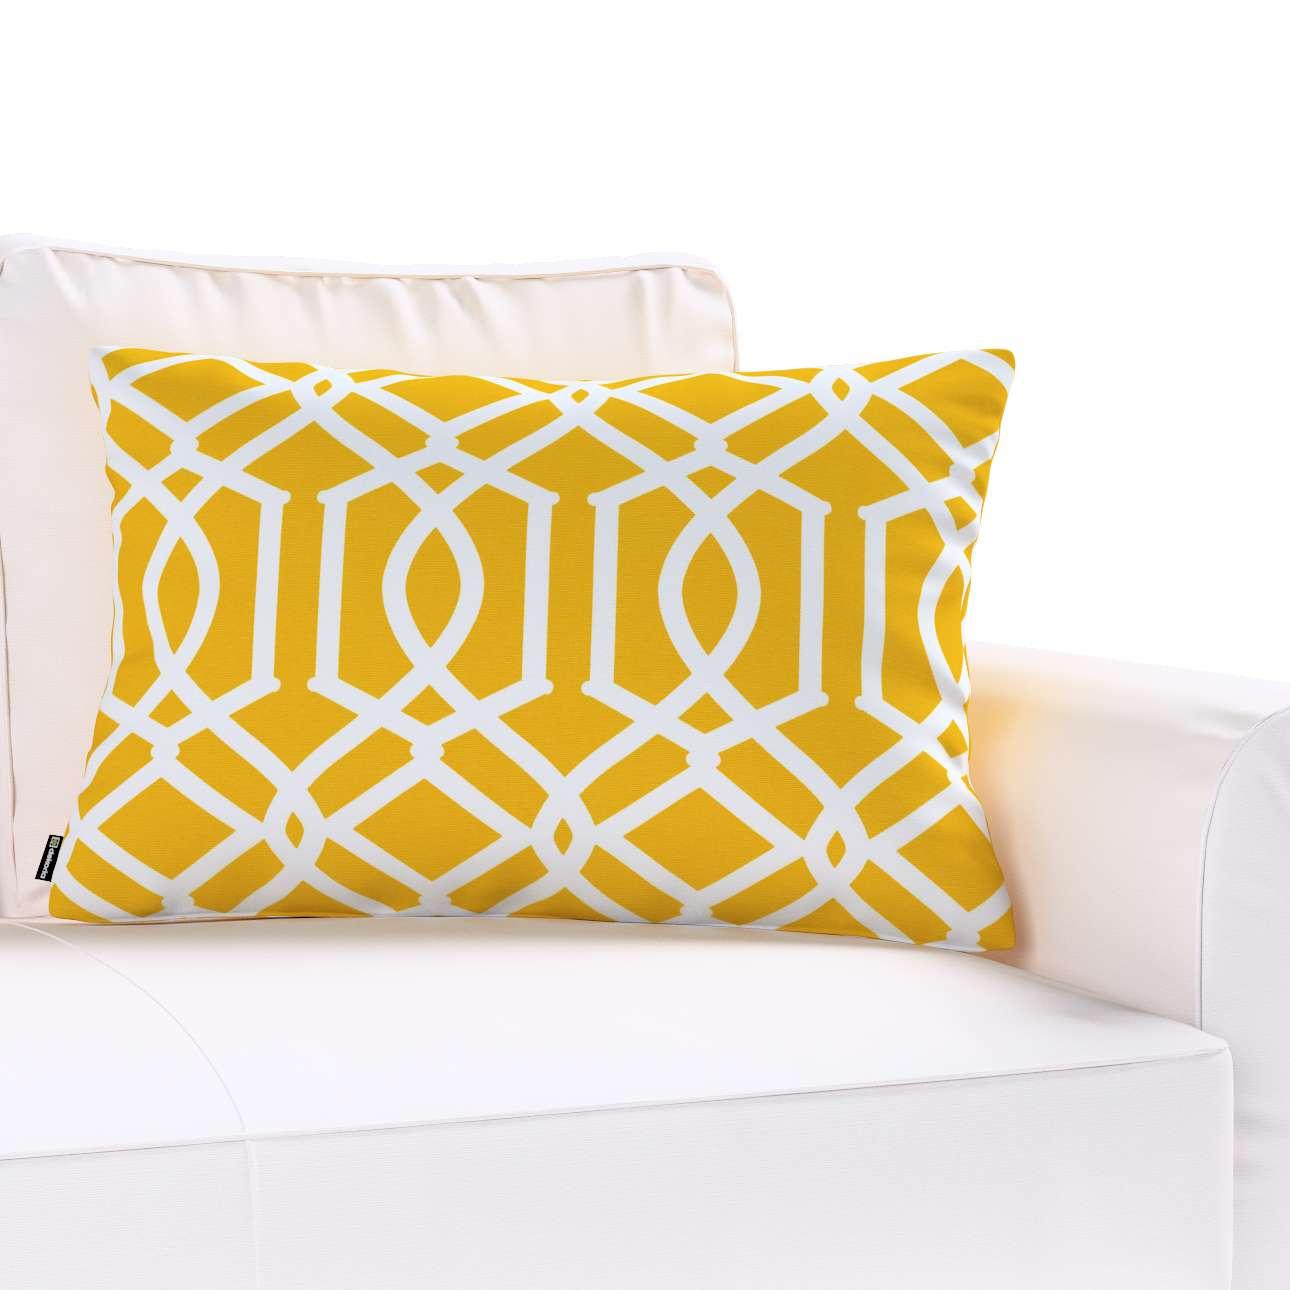 Kinga dekoratyvinės pagalvėlės užvalkalas 60x40cm 60x40cm kolekcijoje Comics Prints, audinys: 135-09